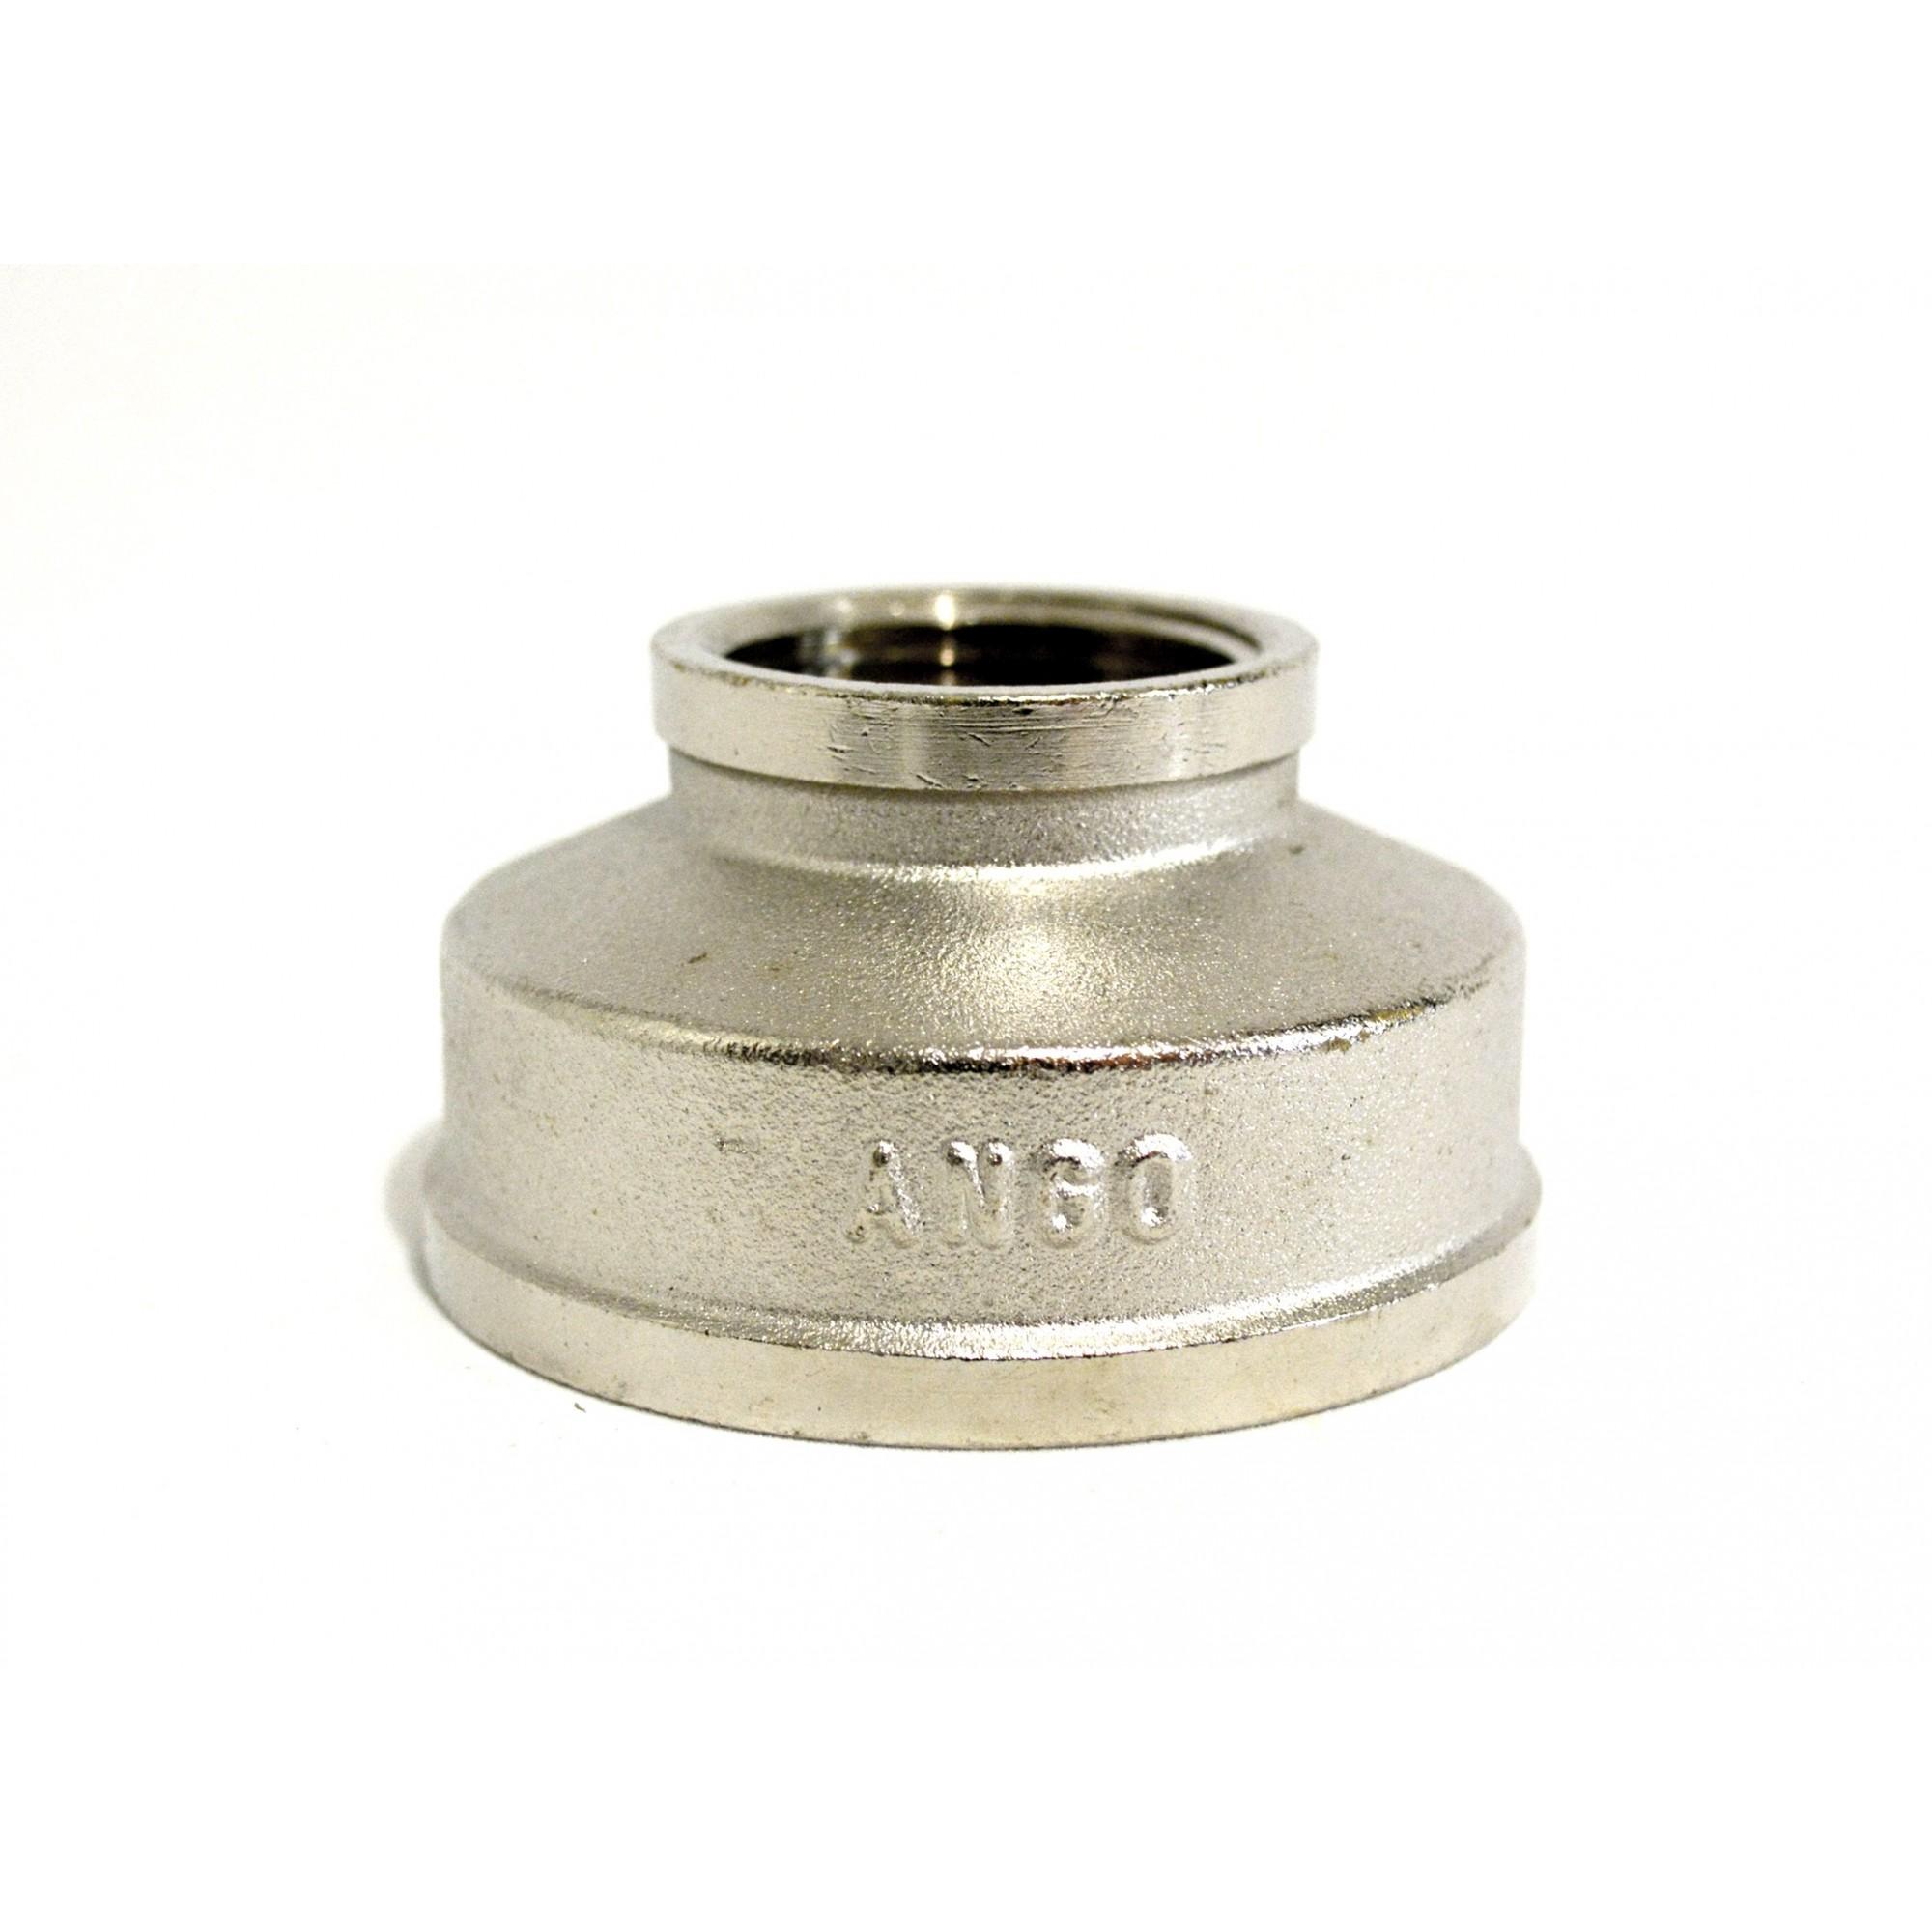 Муфта 2в на 1в никелированная ANGO ANGO - 1